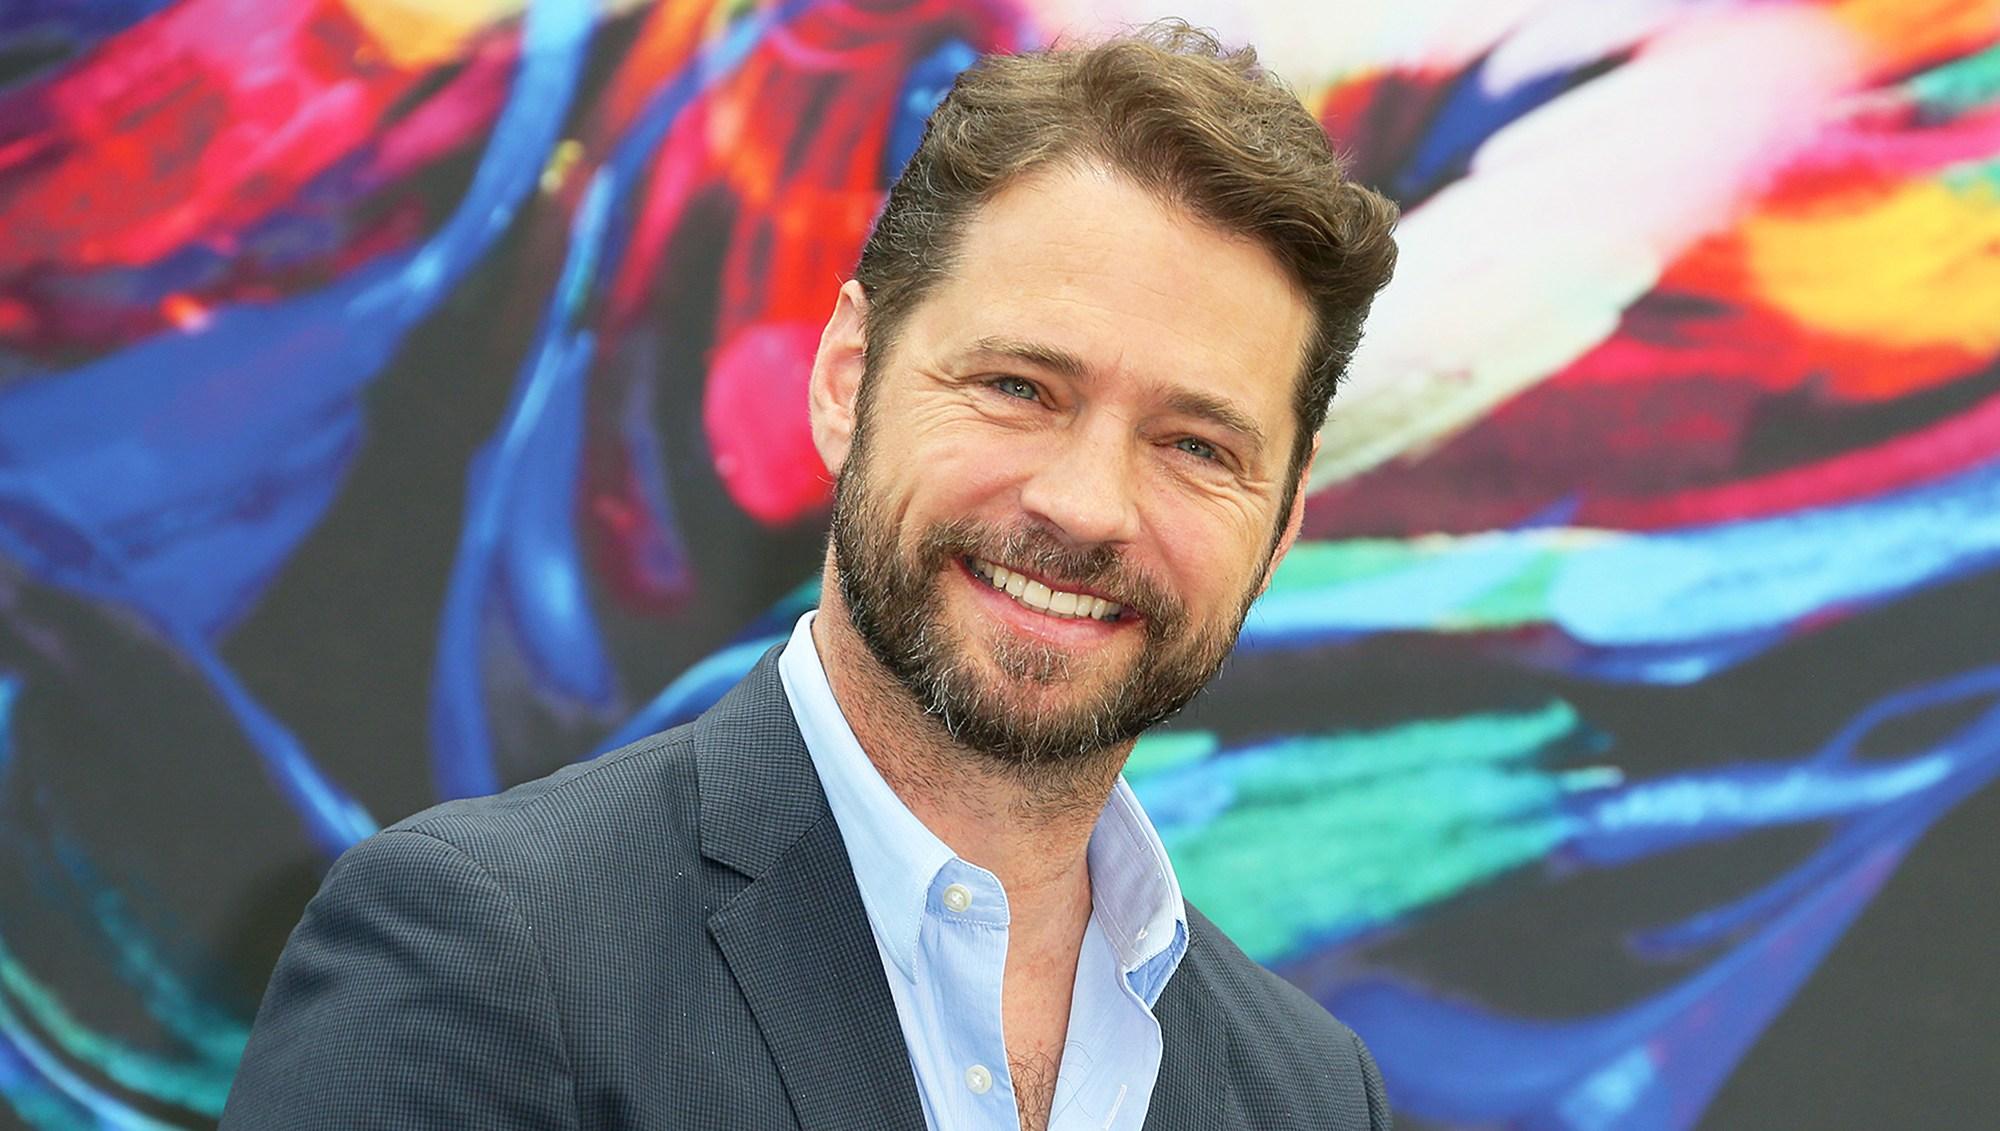 Jason Priestley attends the 56th Monte Carlo Tv Festival at the Grimaldi Forum in Monte-Carlo, Monaco.